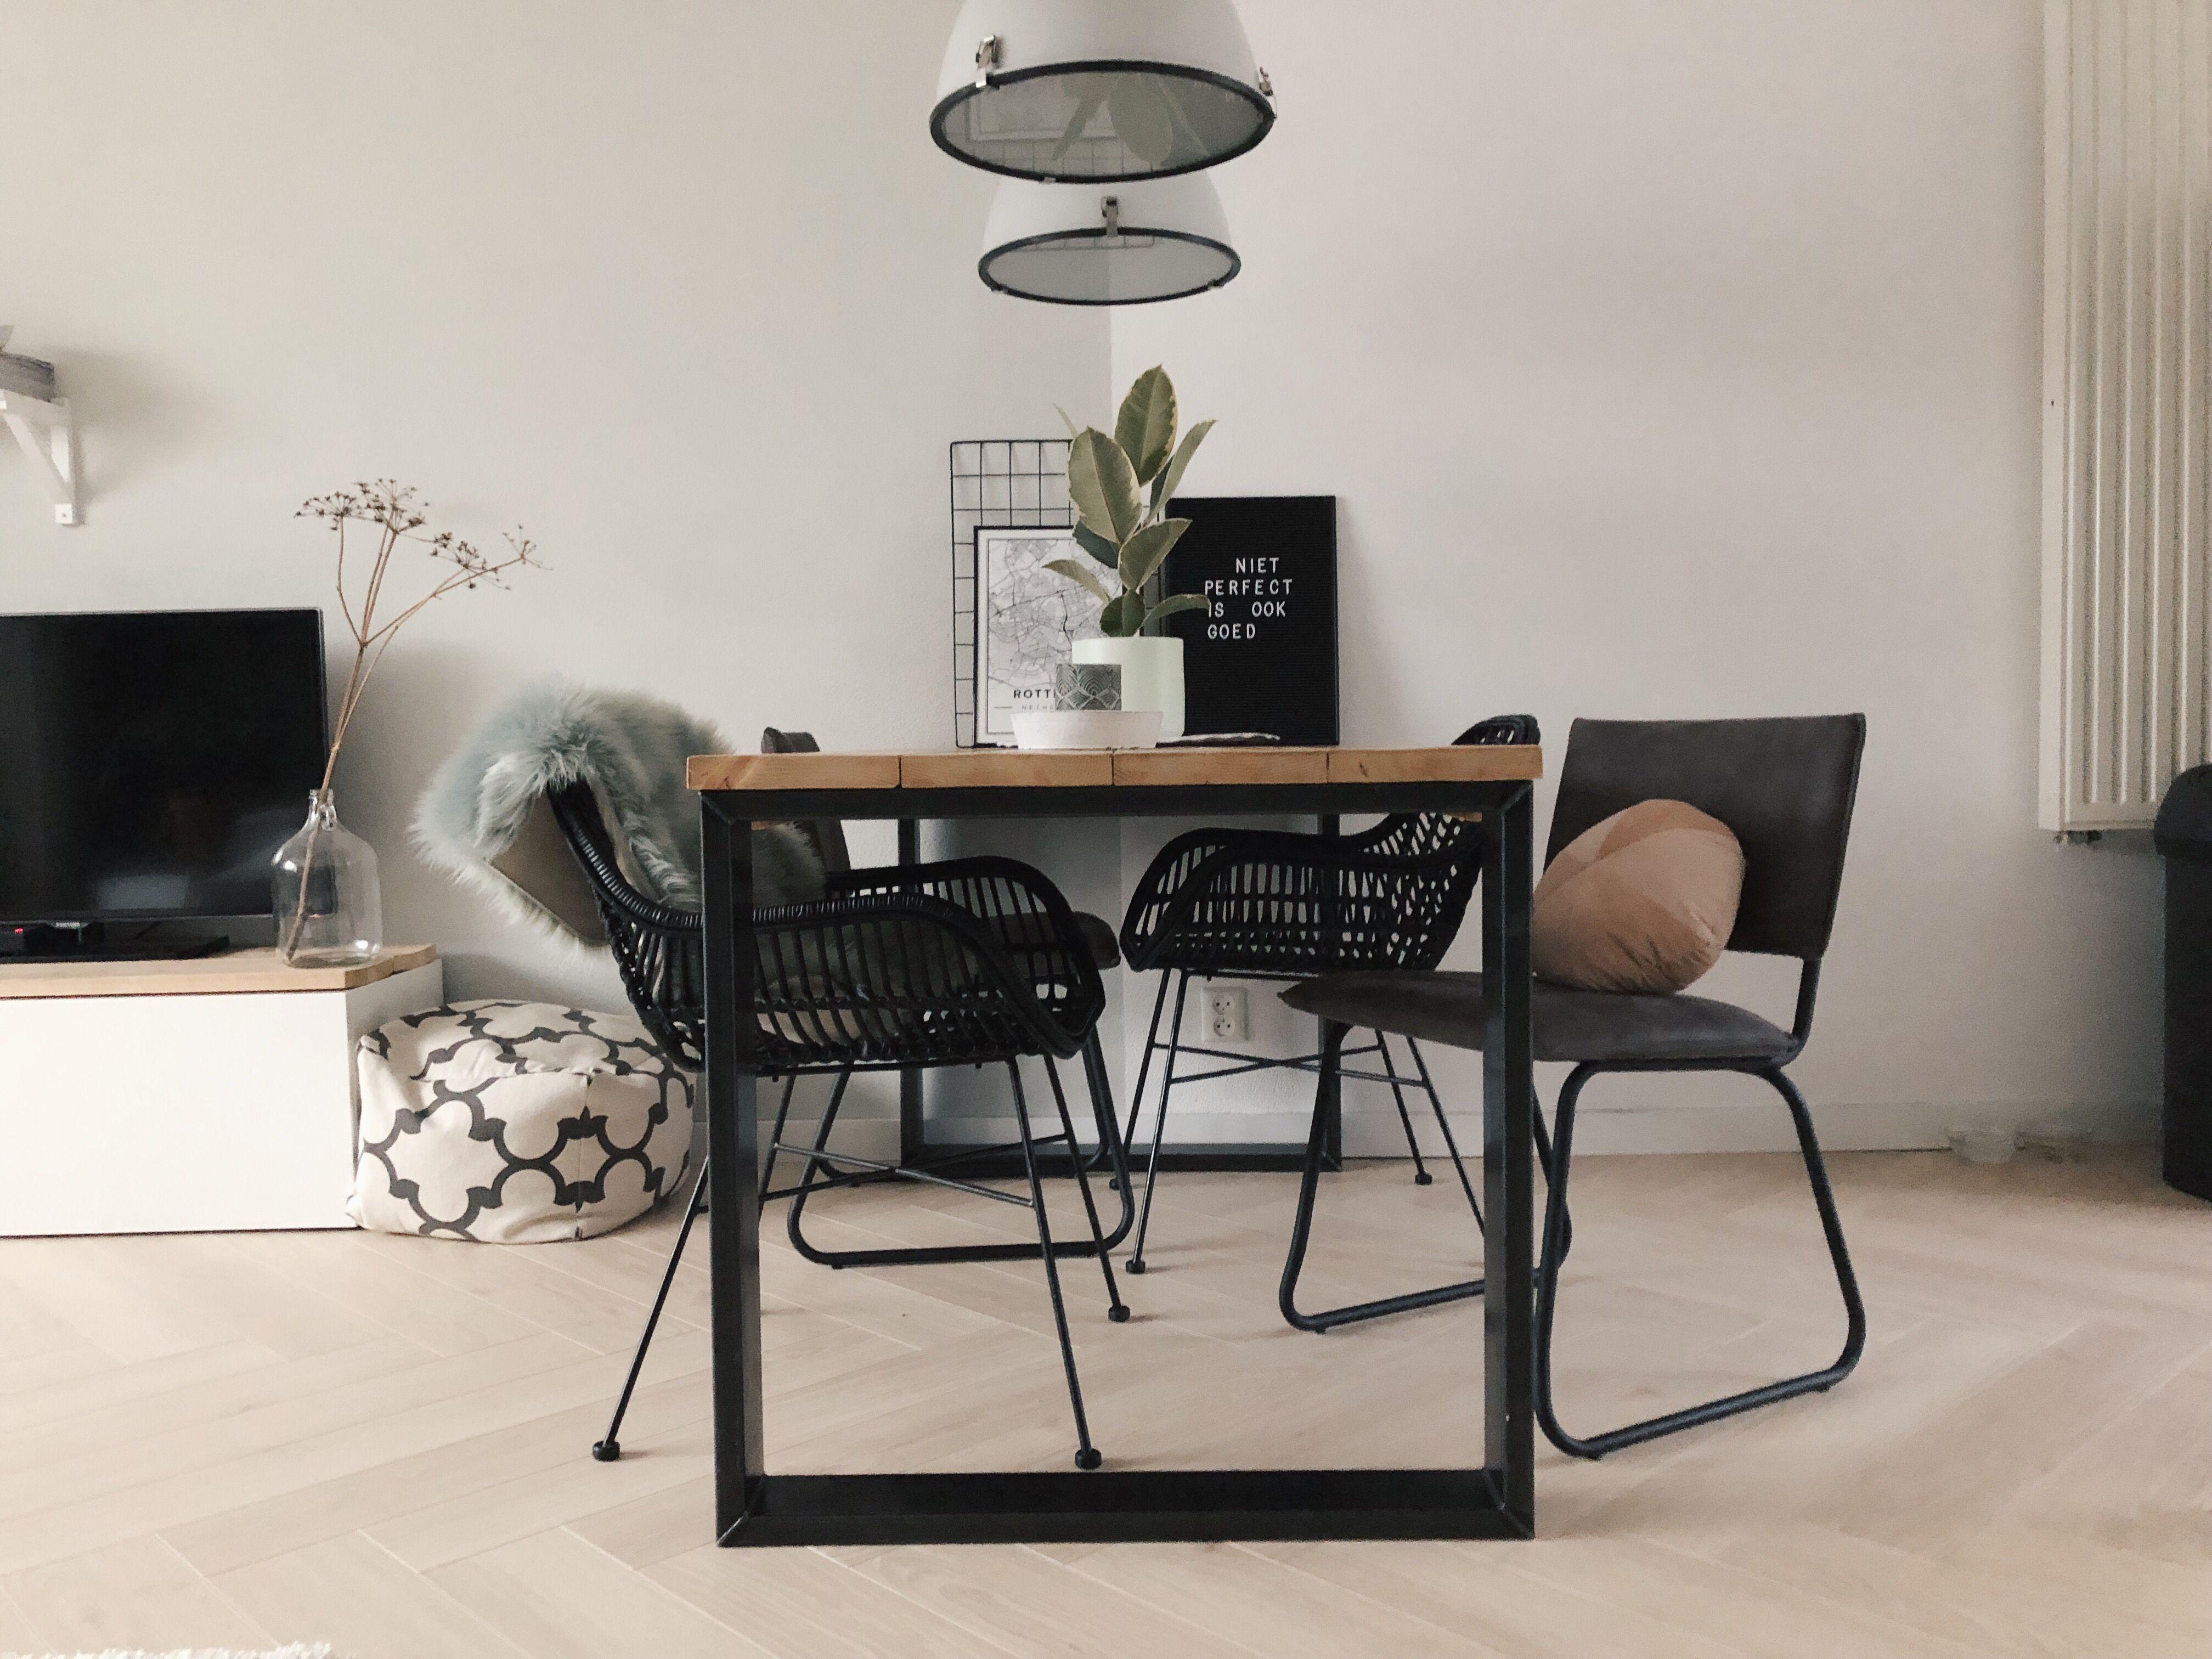 Stoer Industriele Eetkamerstoelen : Industriele stoelen kwantum kwantum repin stoel new york estilo